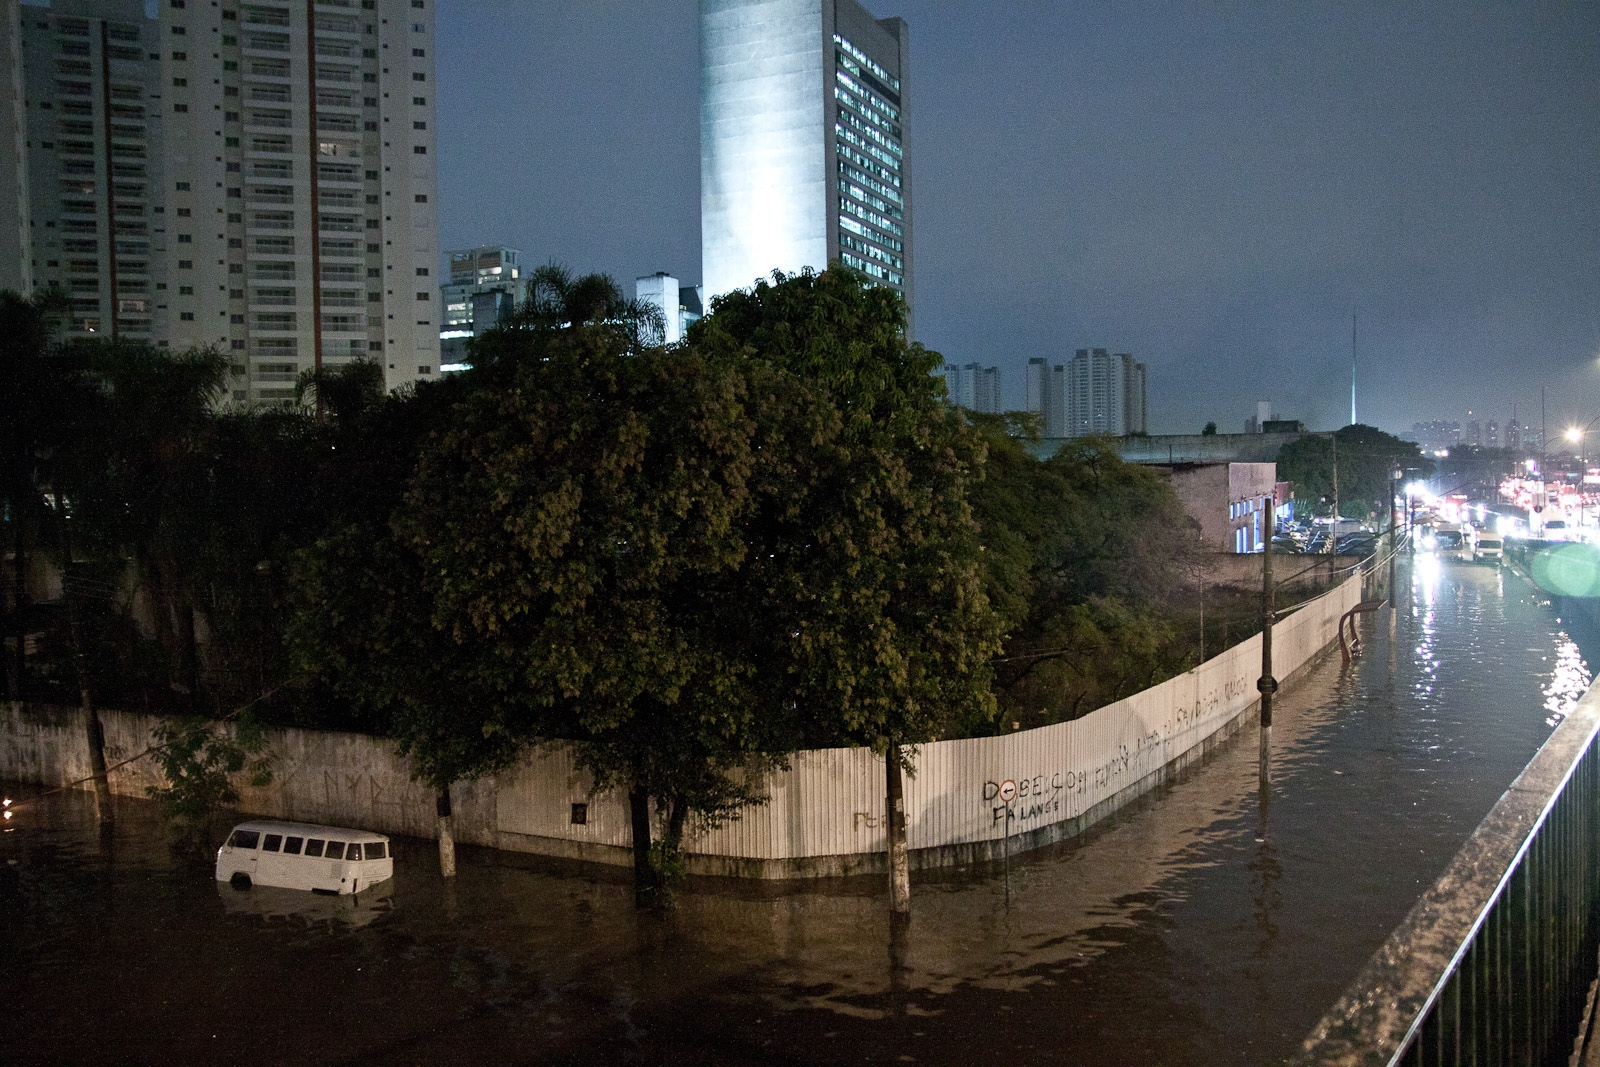 Enchente na Vila Leopoldina / Flood in Vila Leopoldina